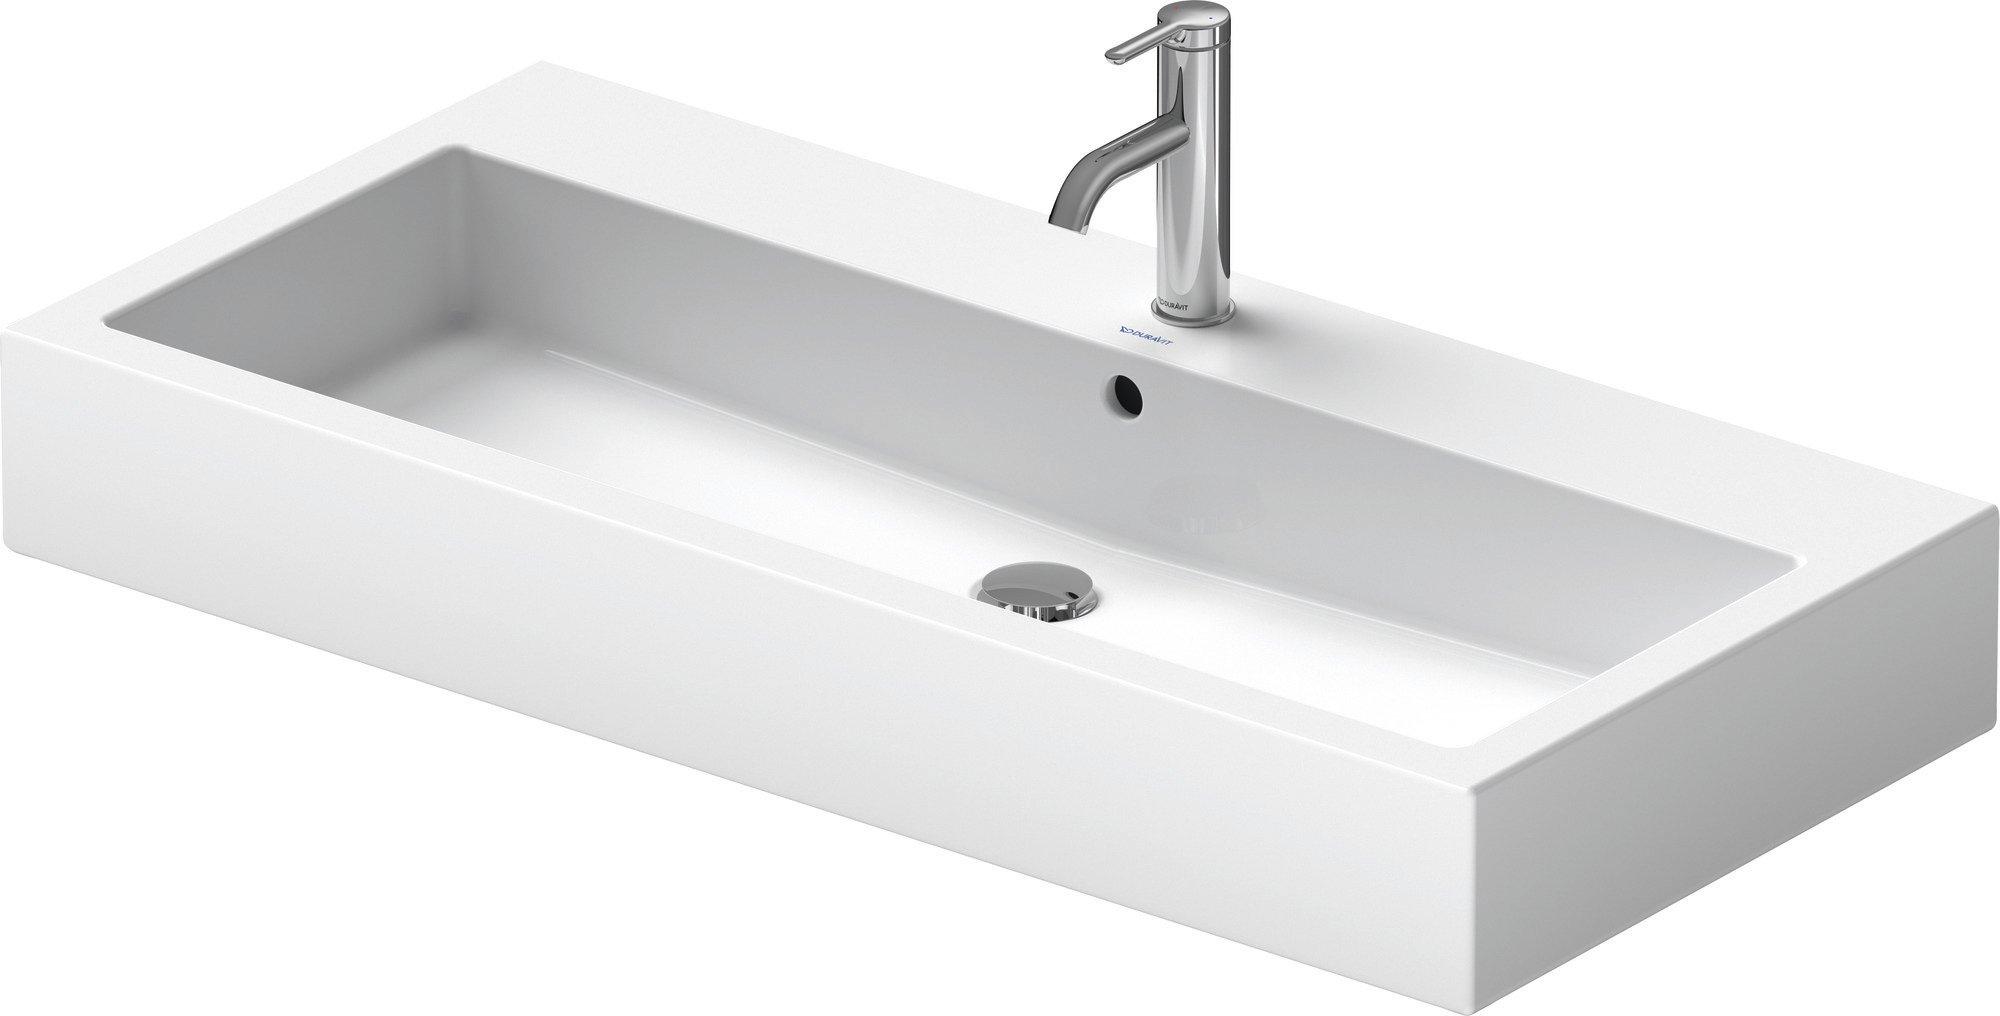 Duravit Ketho Badmöbel Set 950 mit Vero Waschtisch - Optional mit Seitenschrank und Spiegel